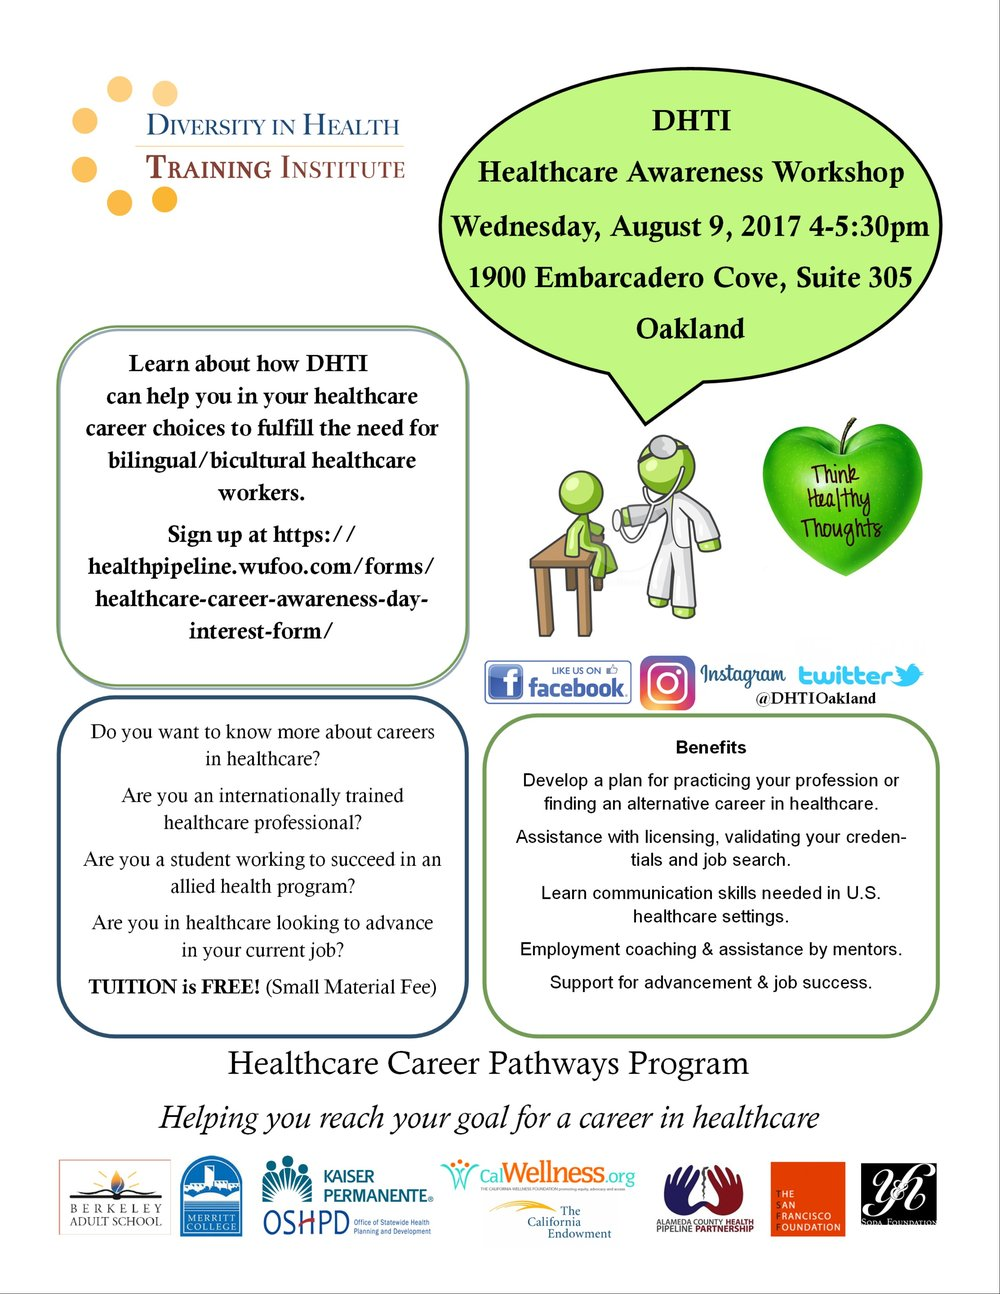 Healthcare Awareness Workshop